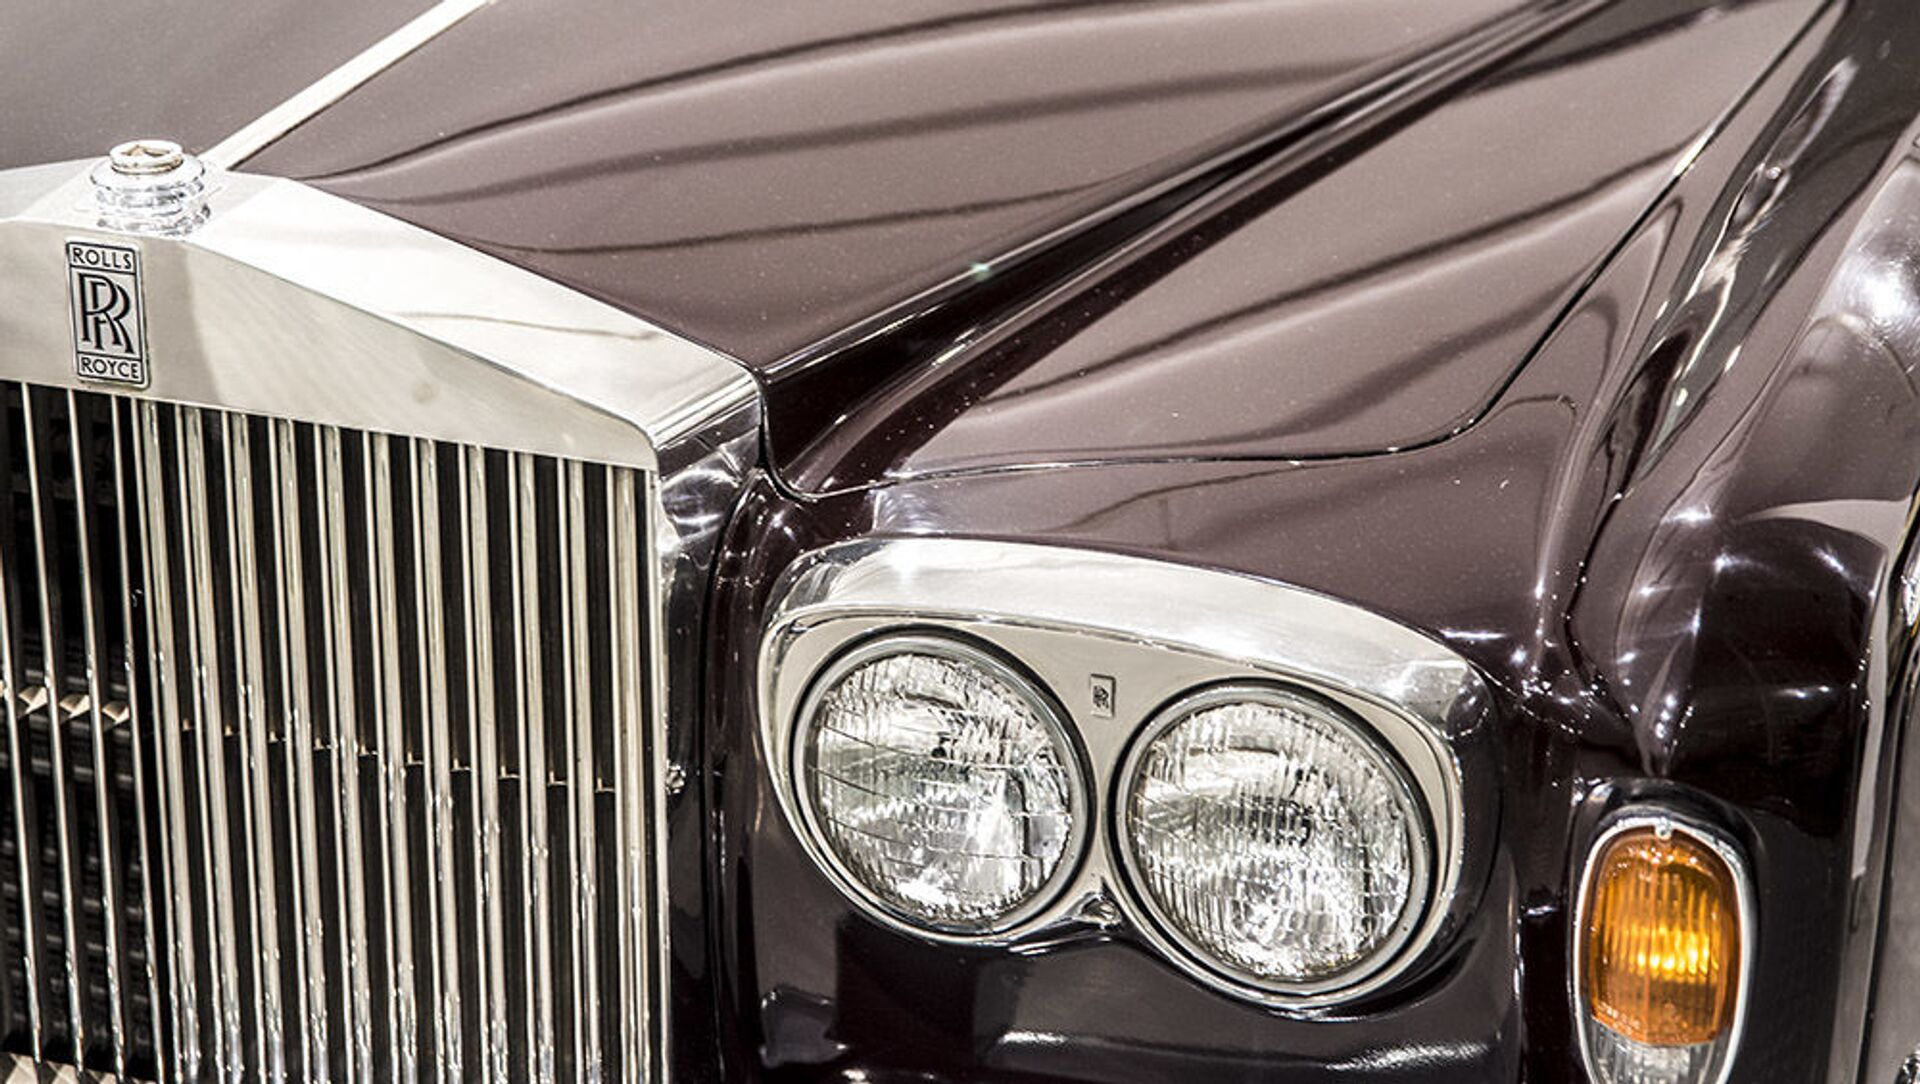 Аутомобил Ролс ројс шадоу у Музеју краљевских аутомобила у бившој резиденцији иранског шаха Мухамеда Резе Пахлавија - Sputnik Србија, 1920, 09.03.2021